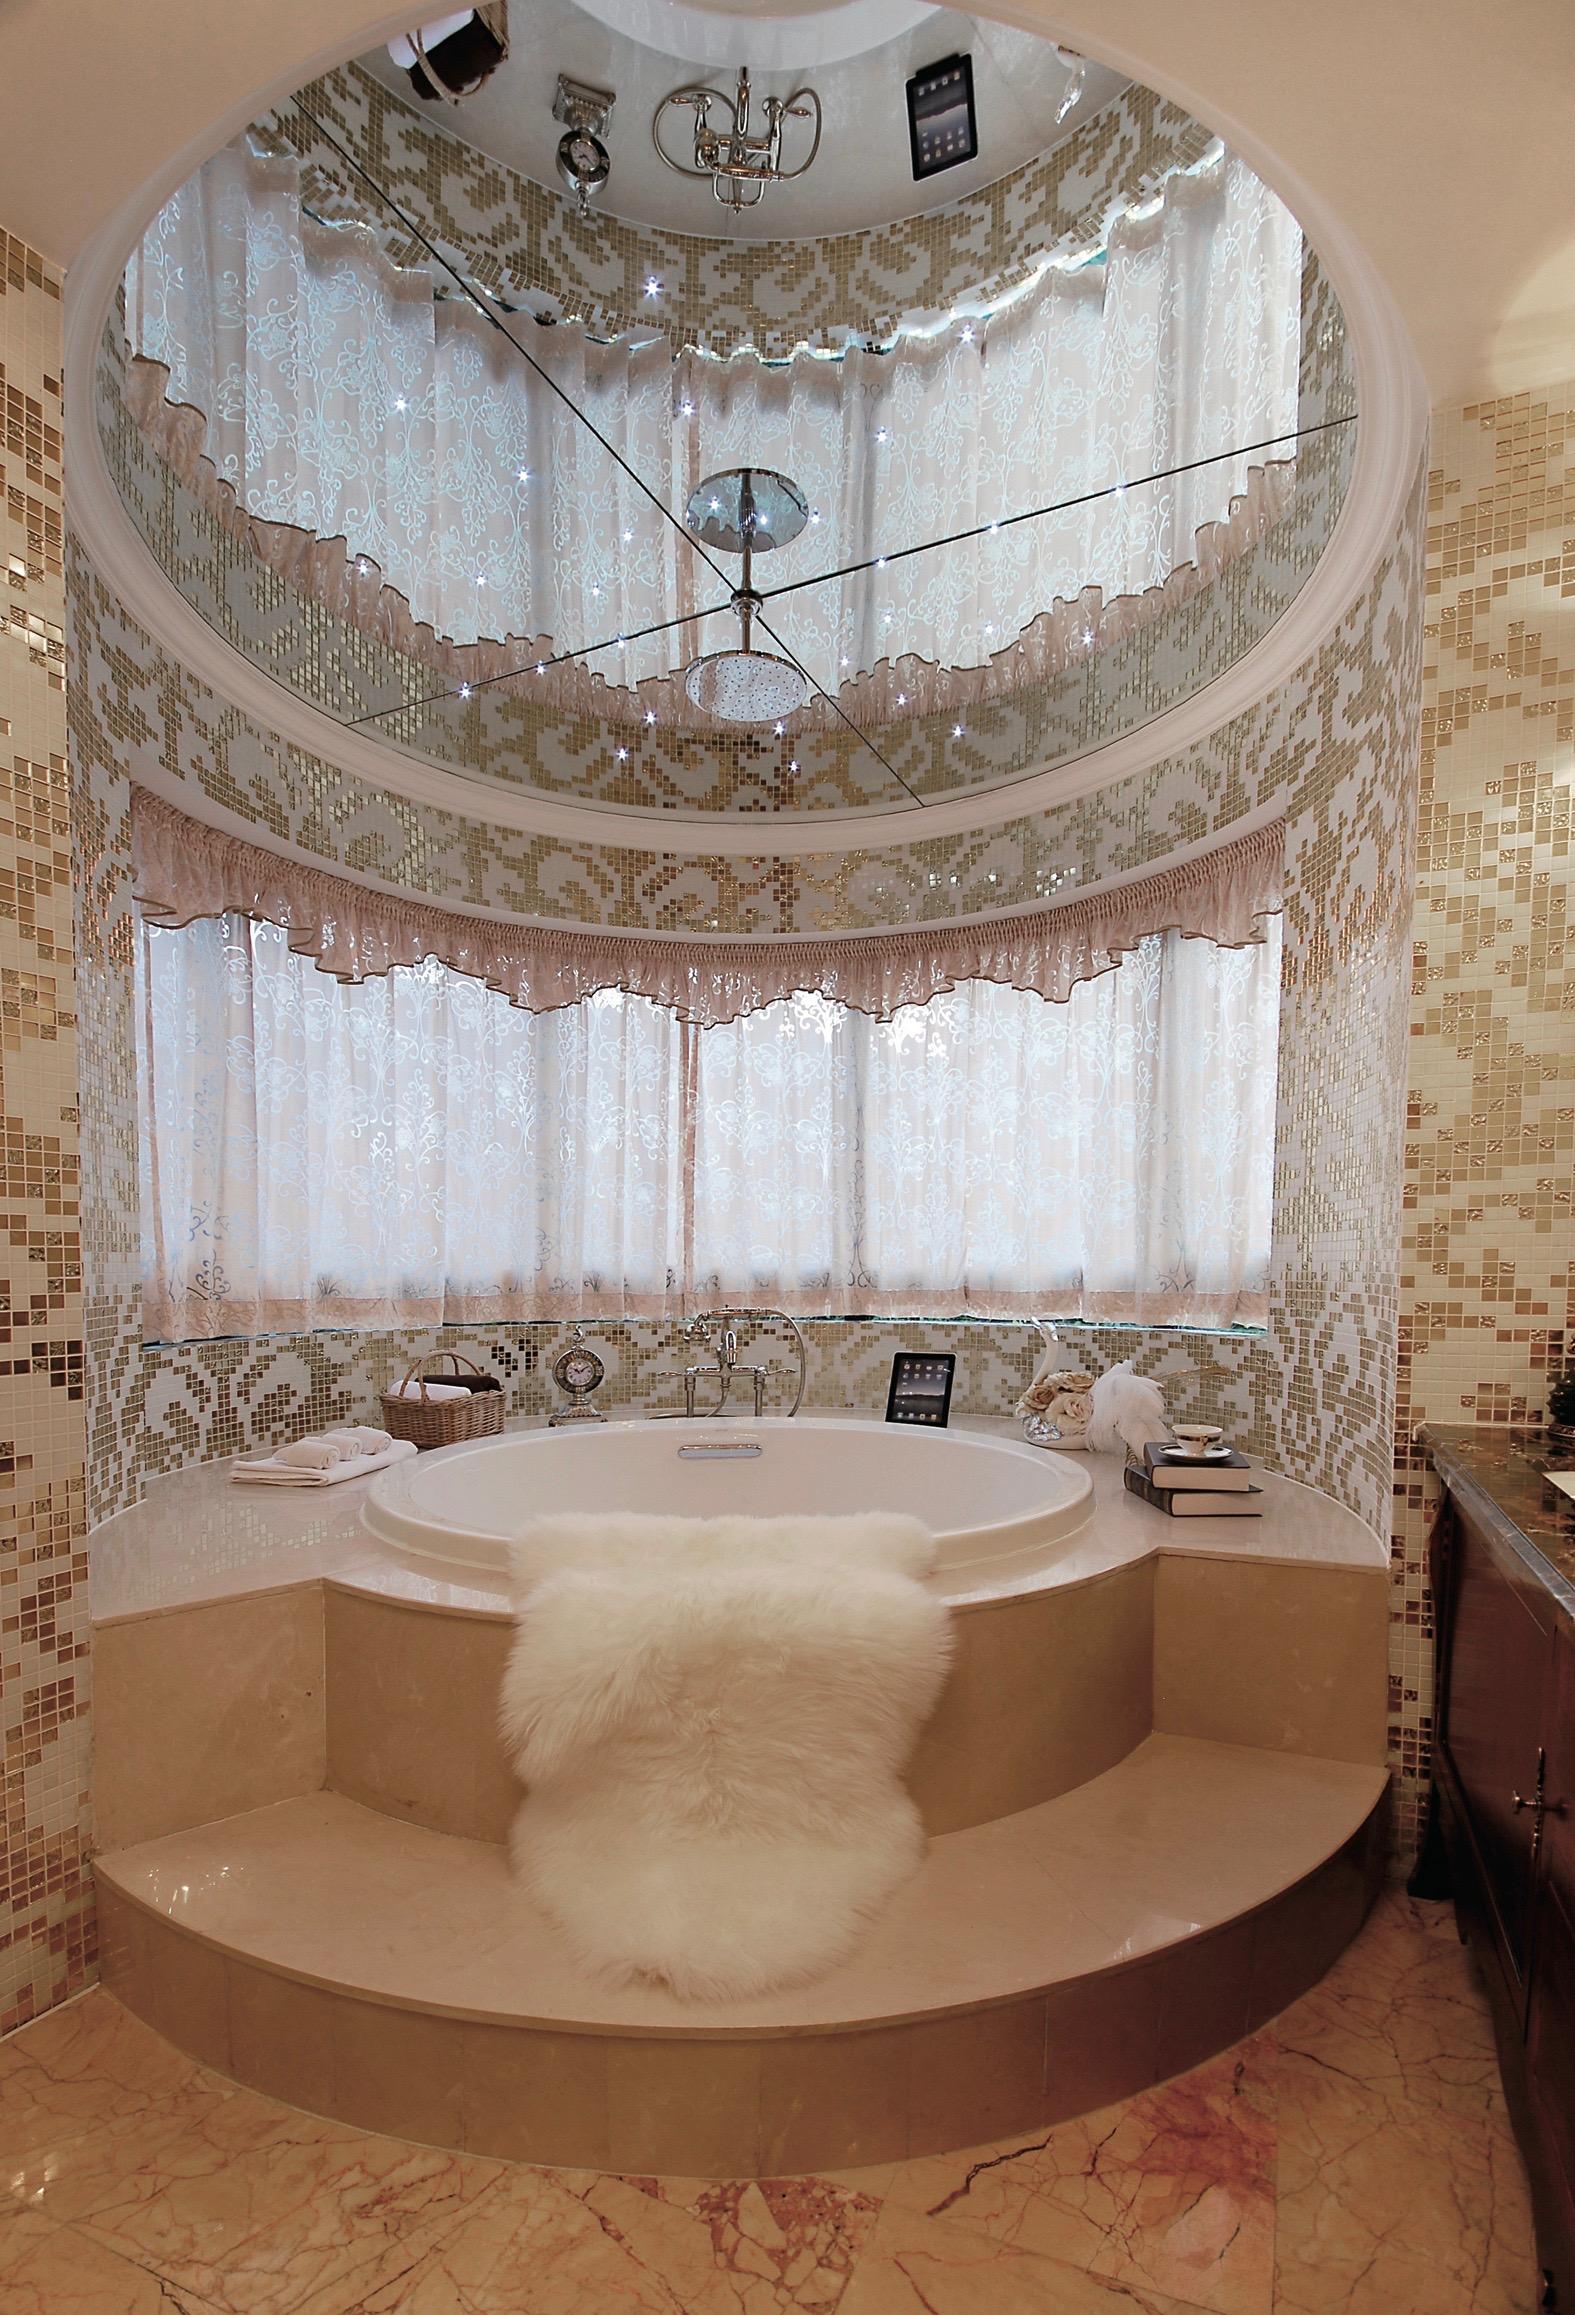 круглый зеркальный потолок с лейкой душа